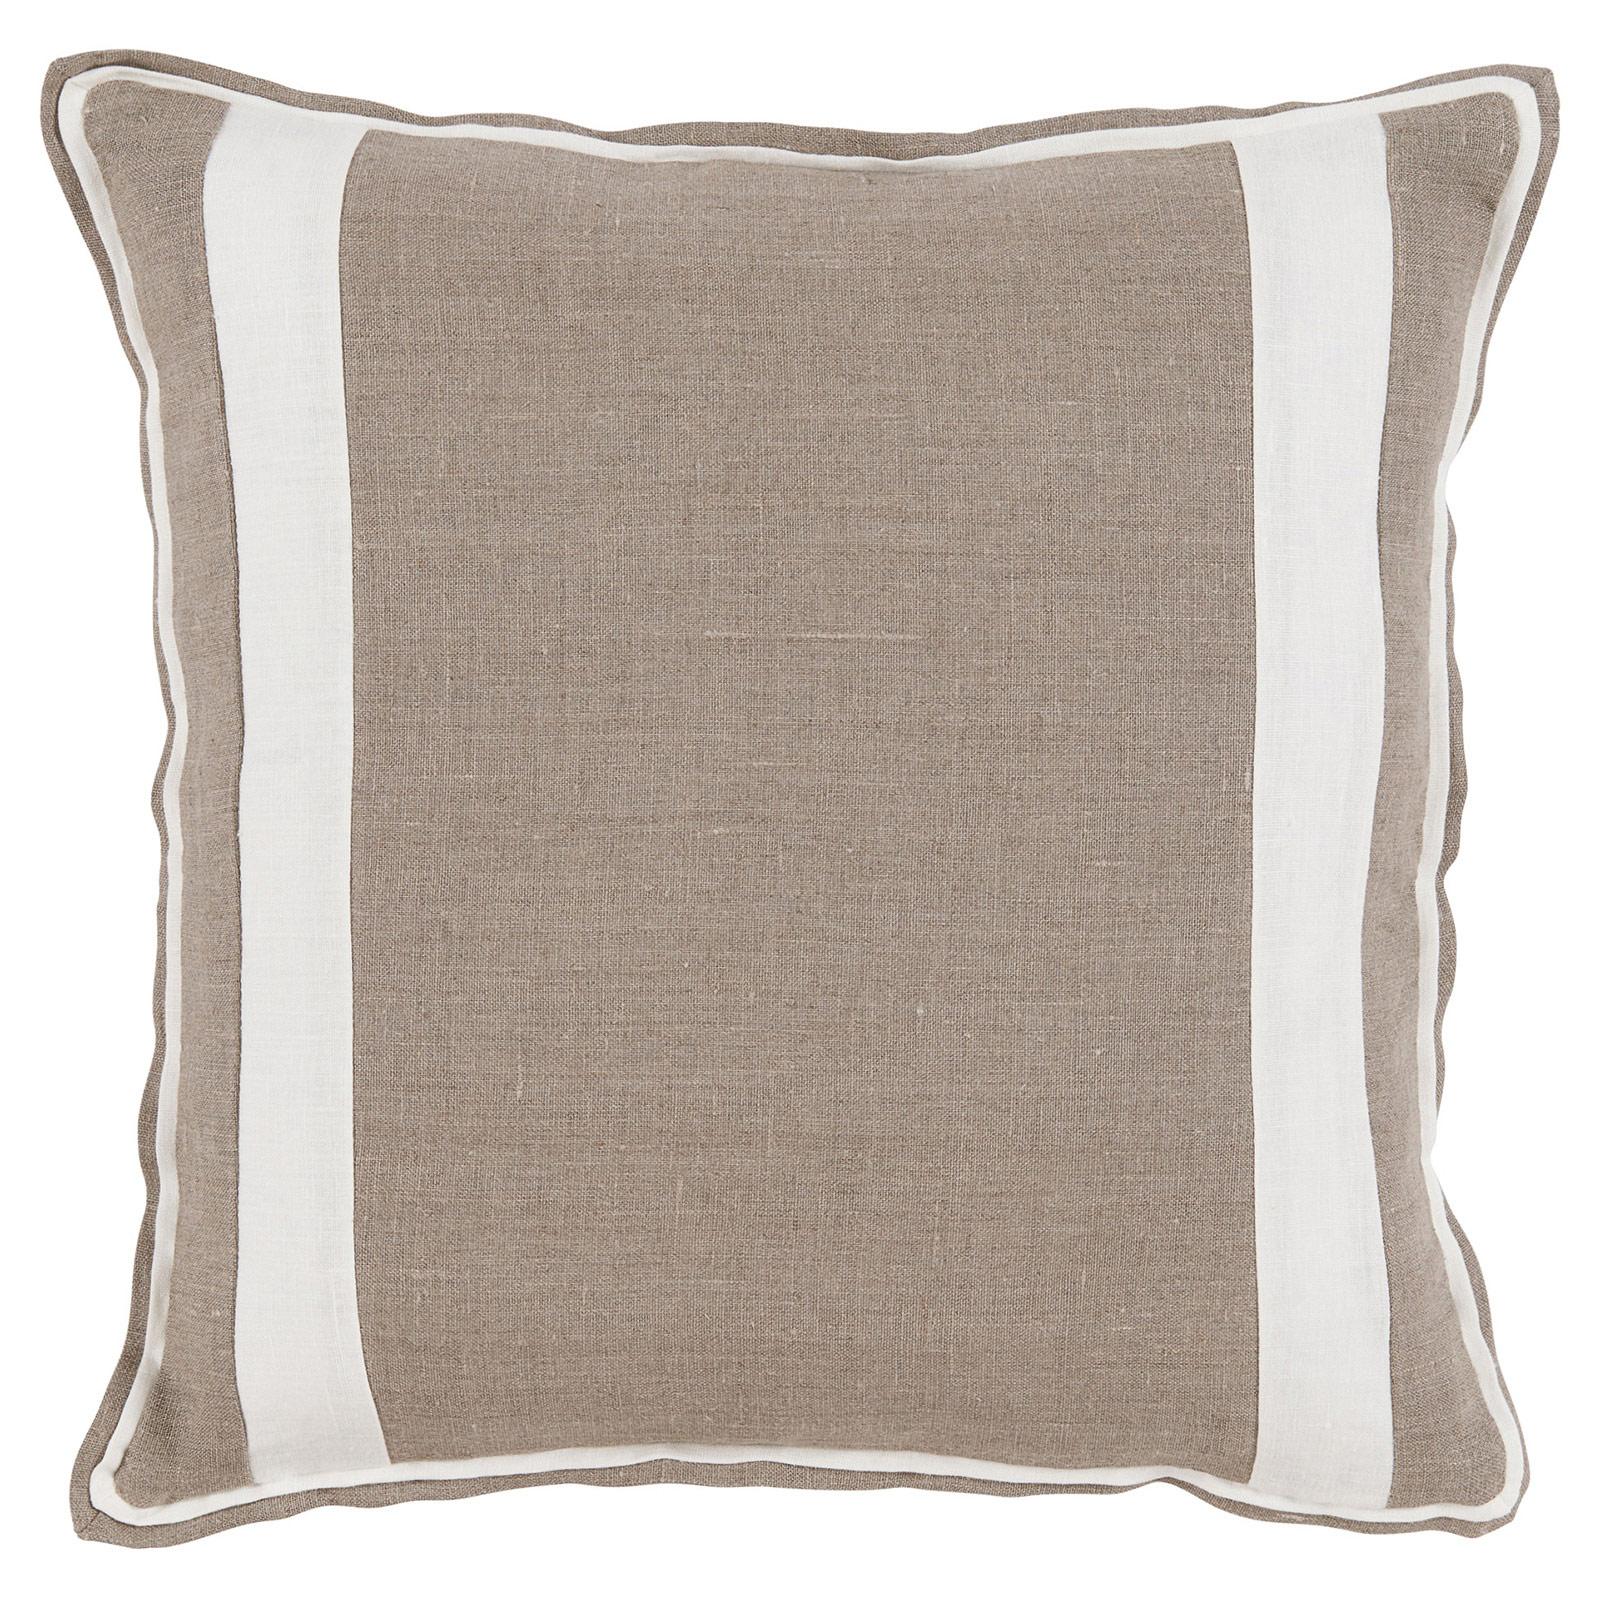 Bobbi Modern Classic Bold Stripe Beige Linen Pillow - 20x20